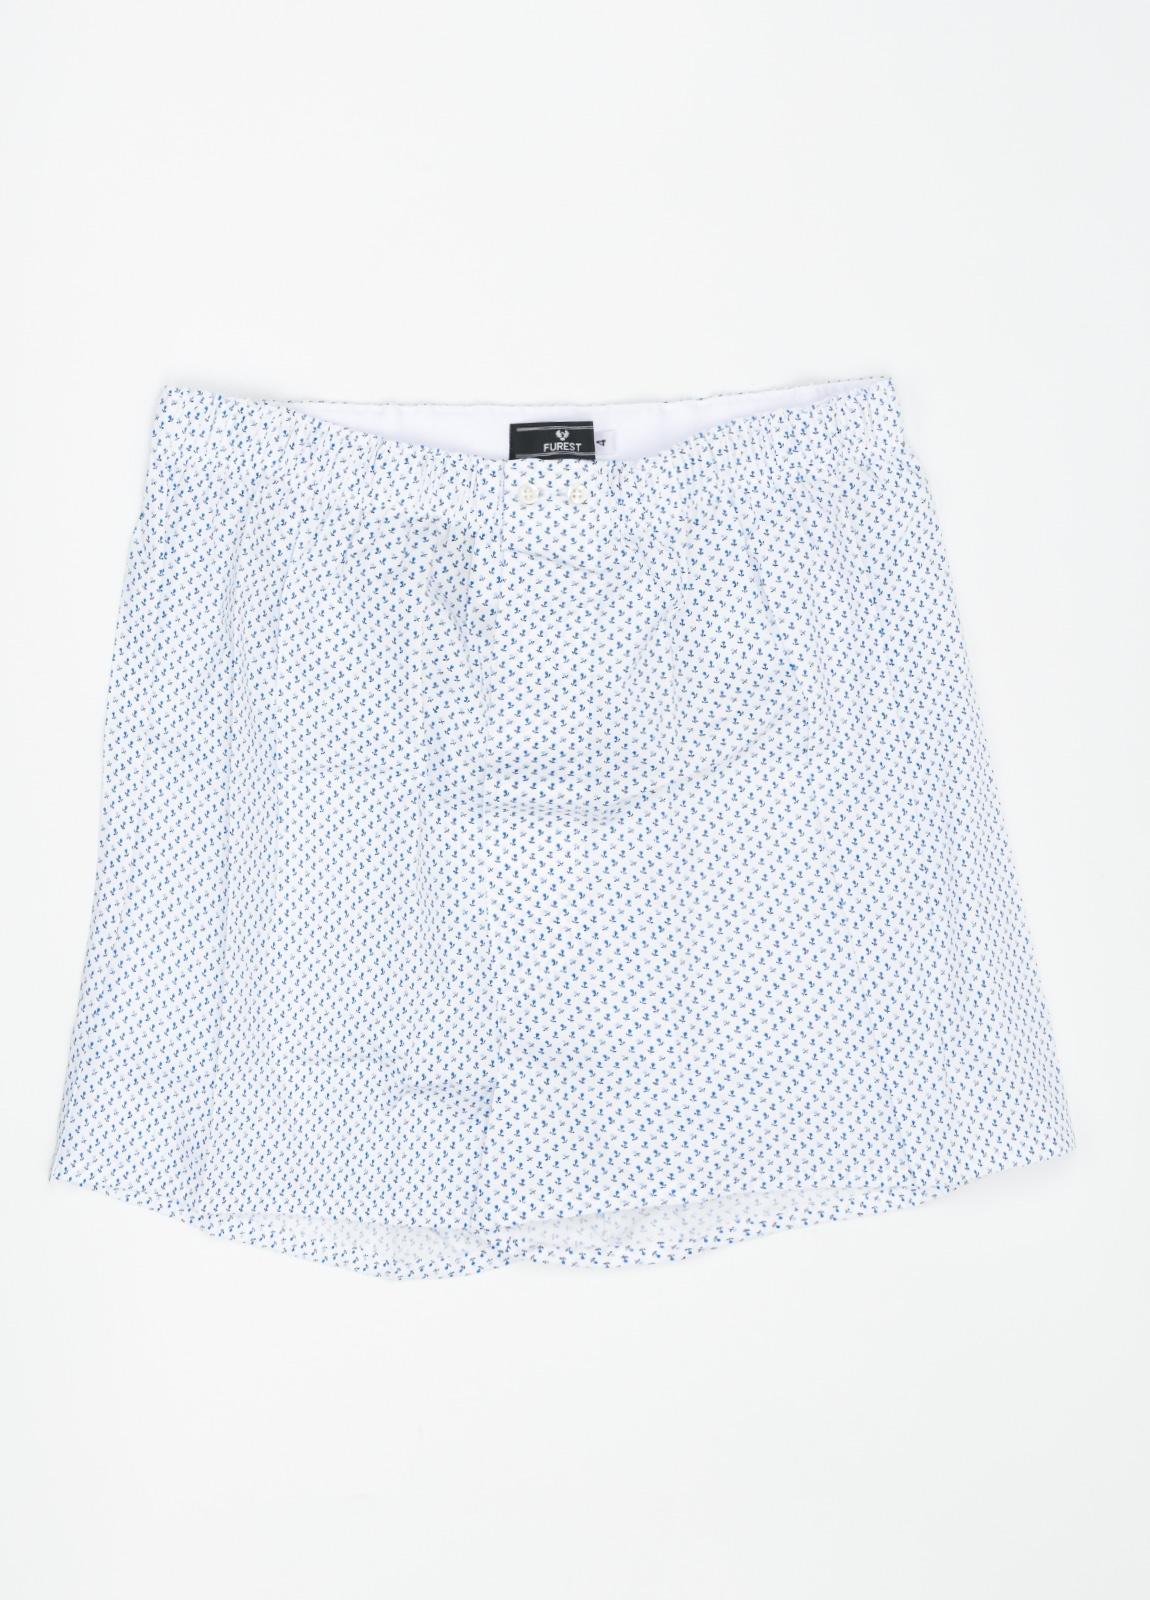 Boxer fondo blanco estampado azul, 100% Algodón. Bolsa incluida del mismo tejido.